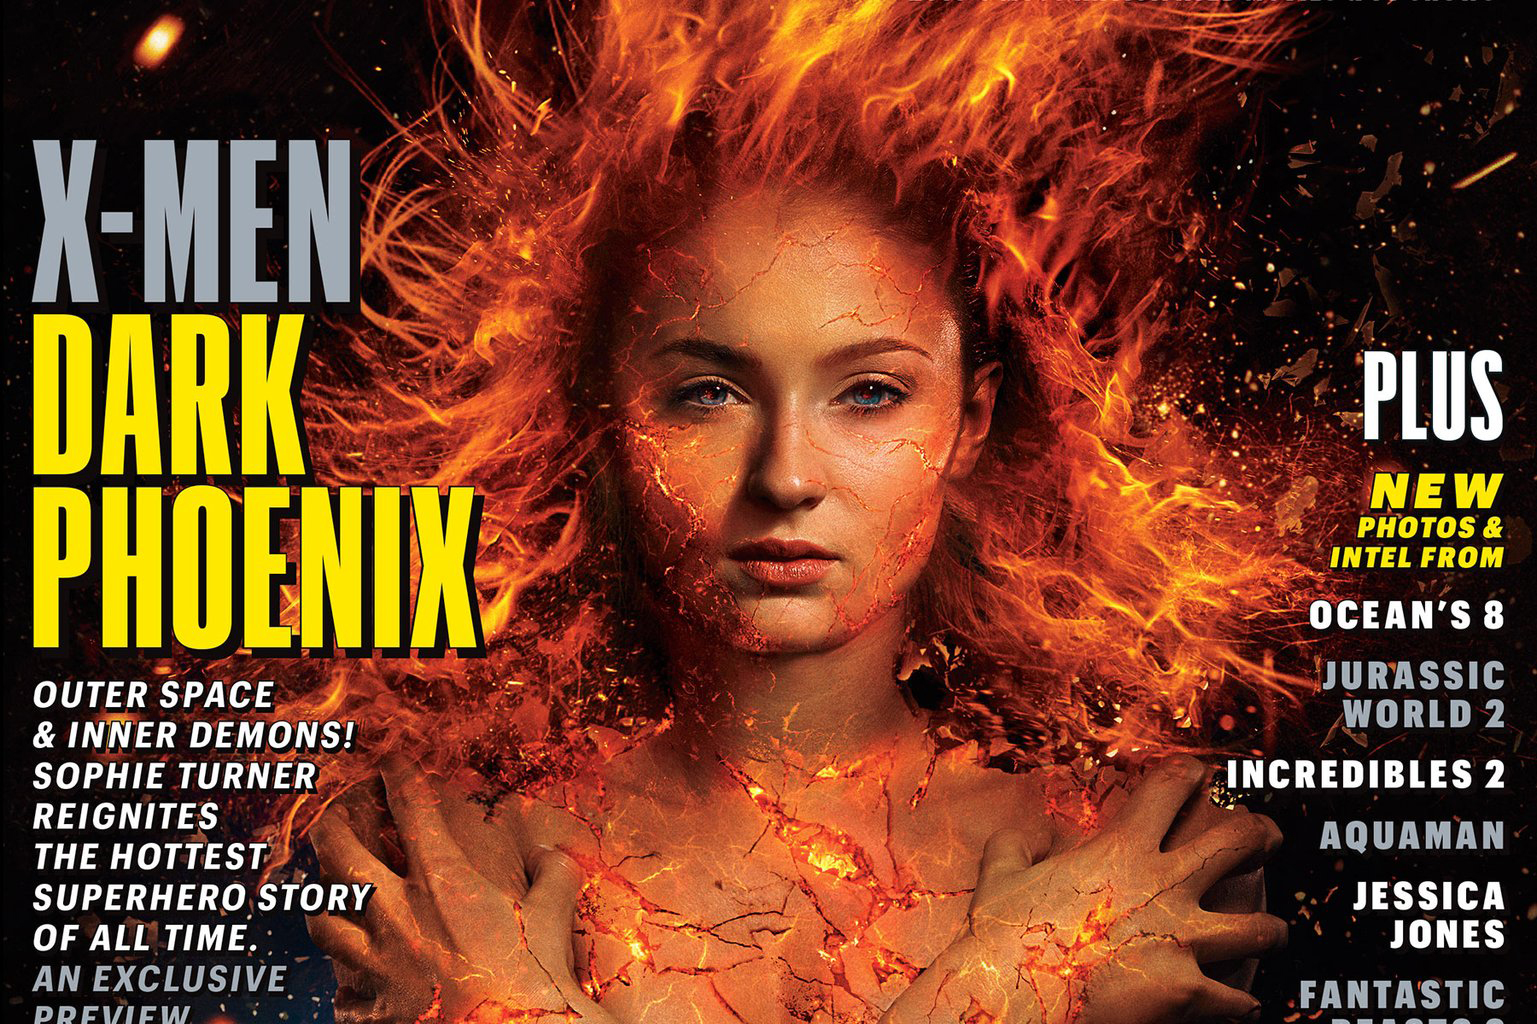 『X-MEN:ダークフェニックス』の写真が公開!ダークフェニックスの姿やミスティークの姿も!